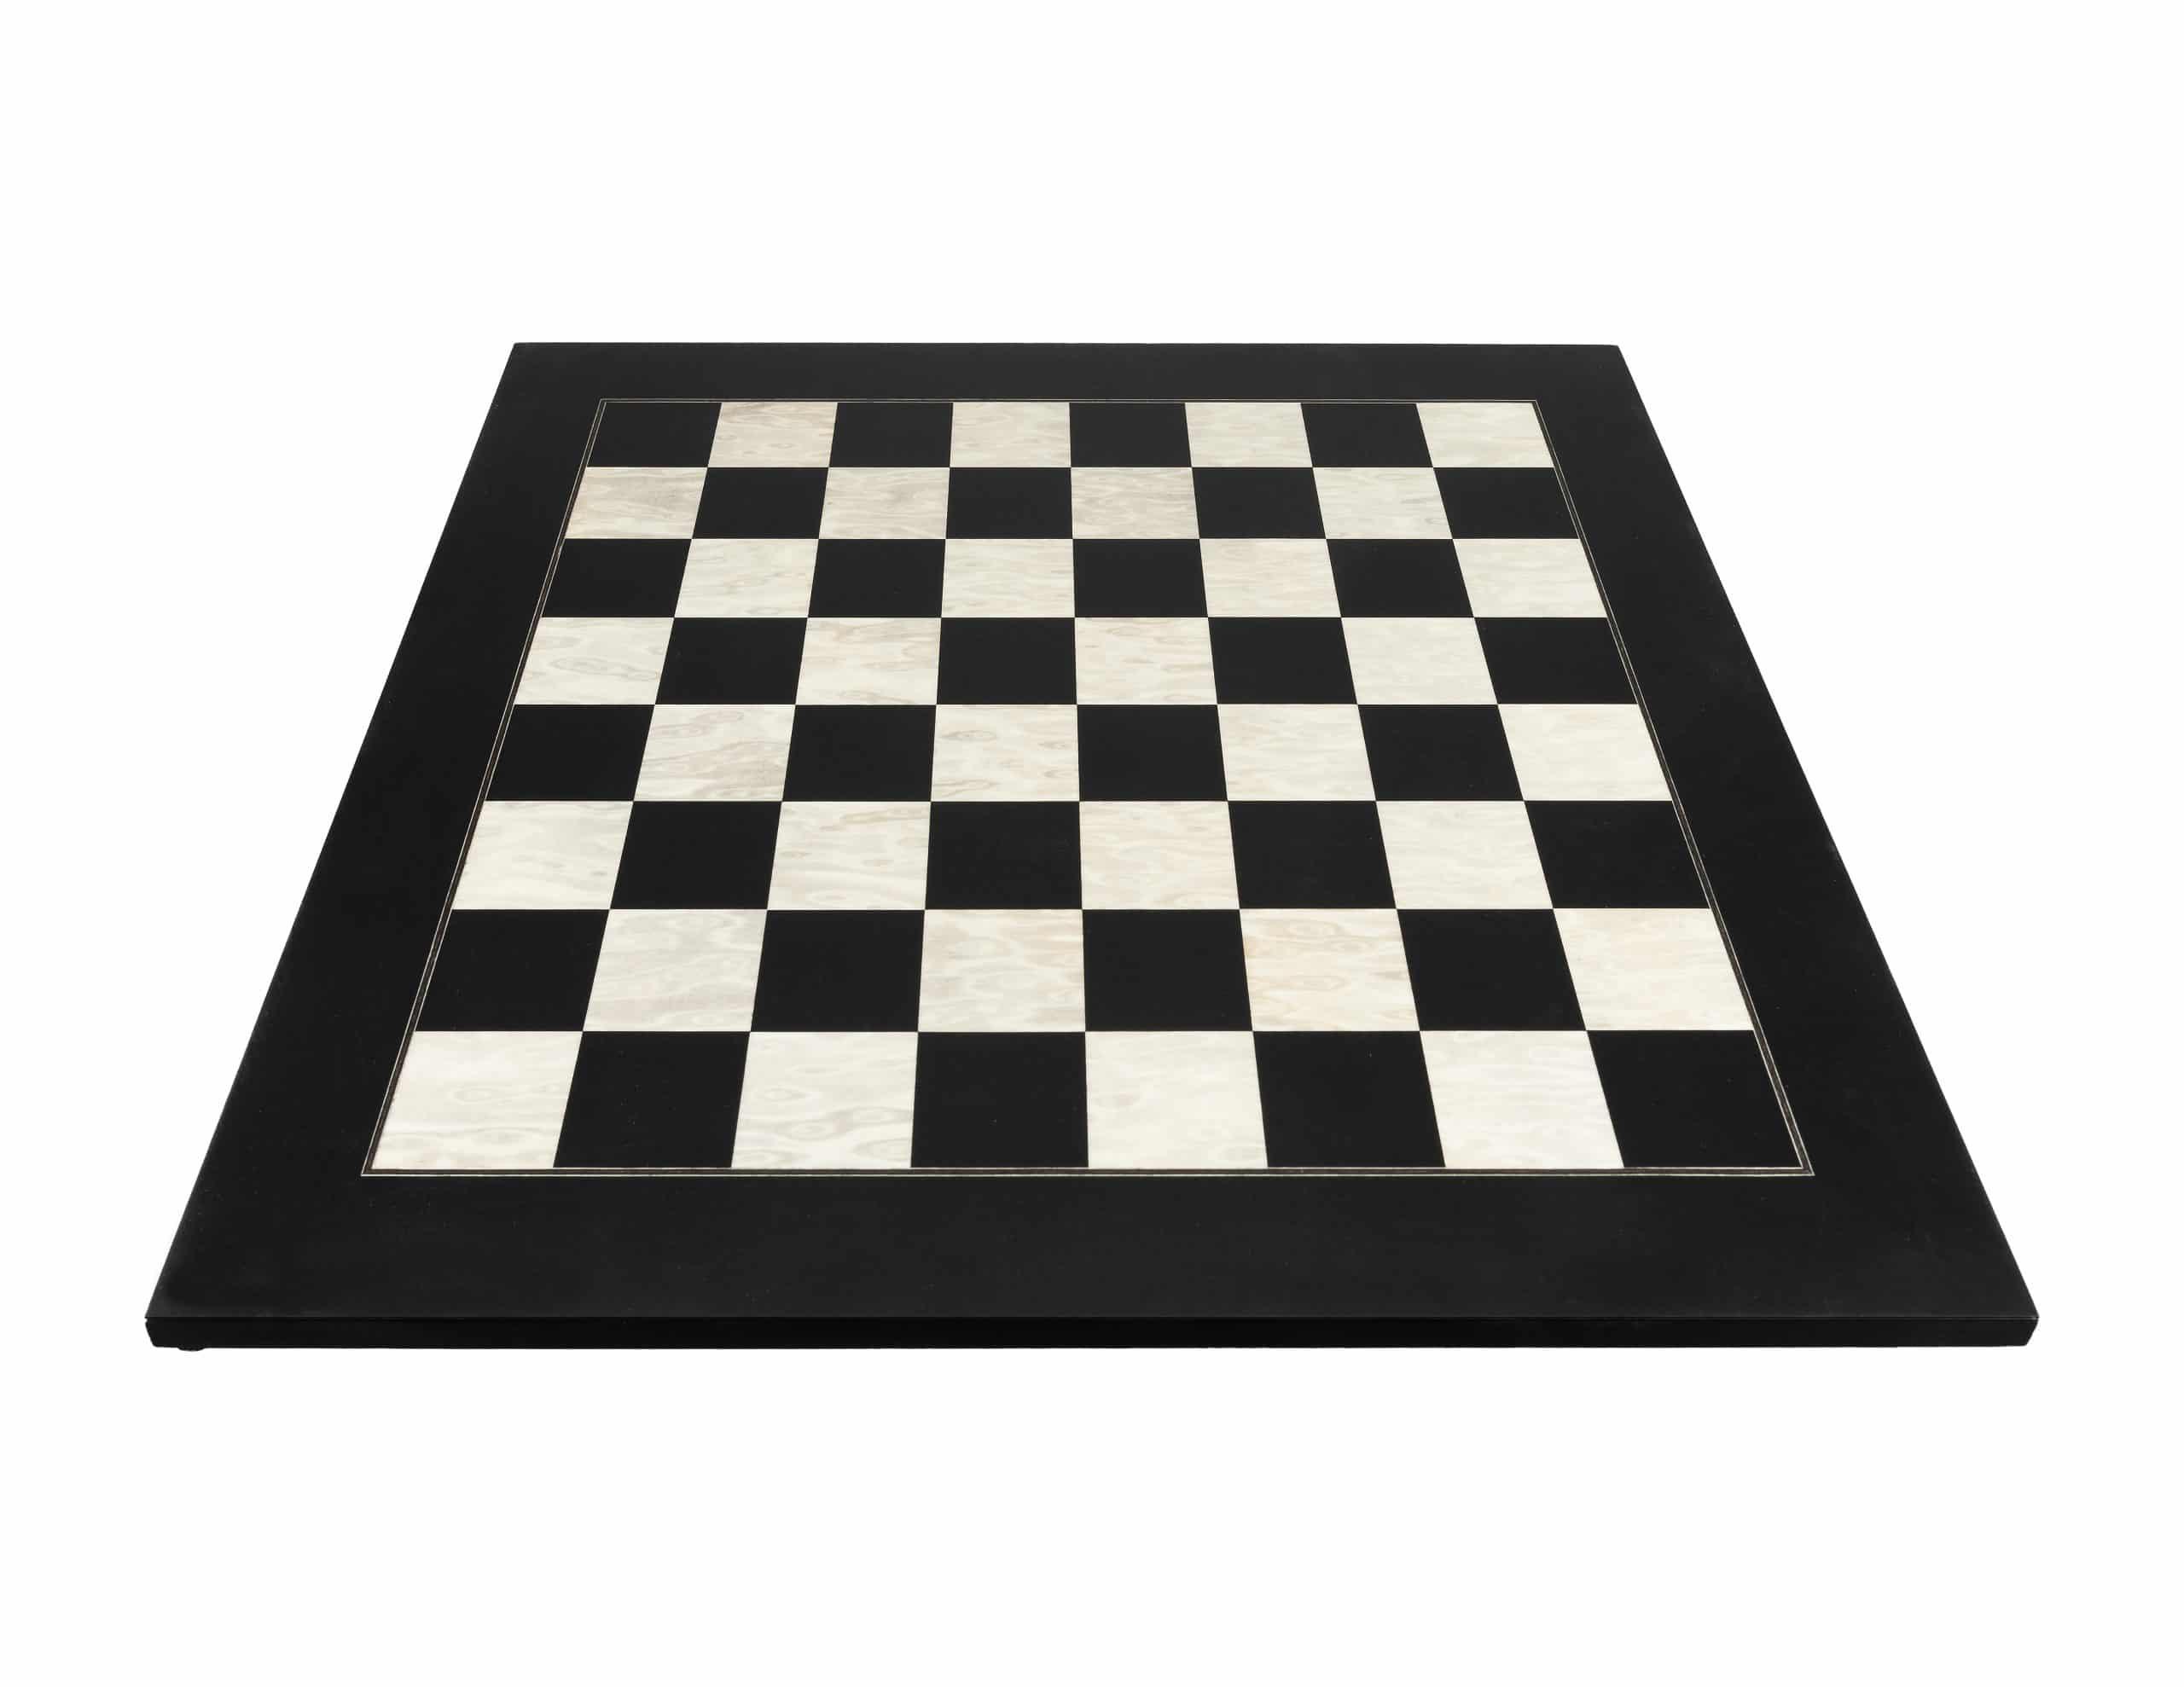 Schachbrett Von Marseille